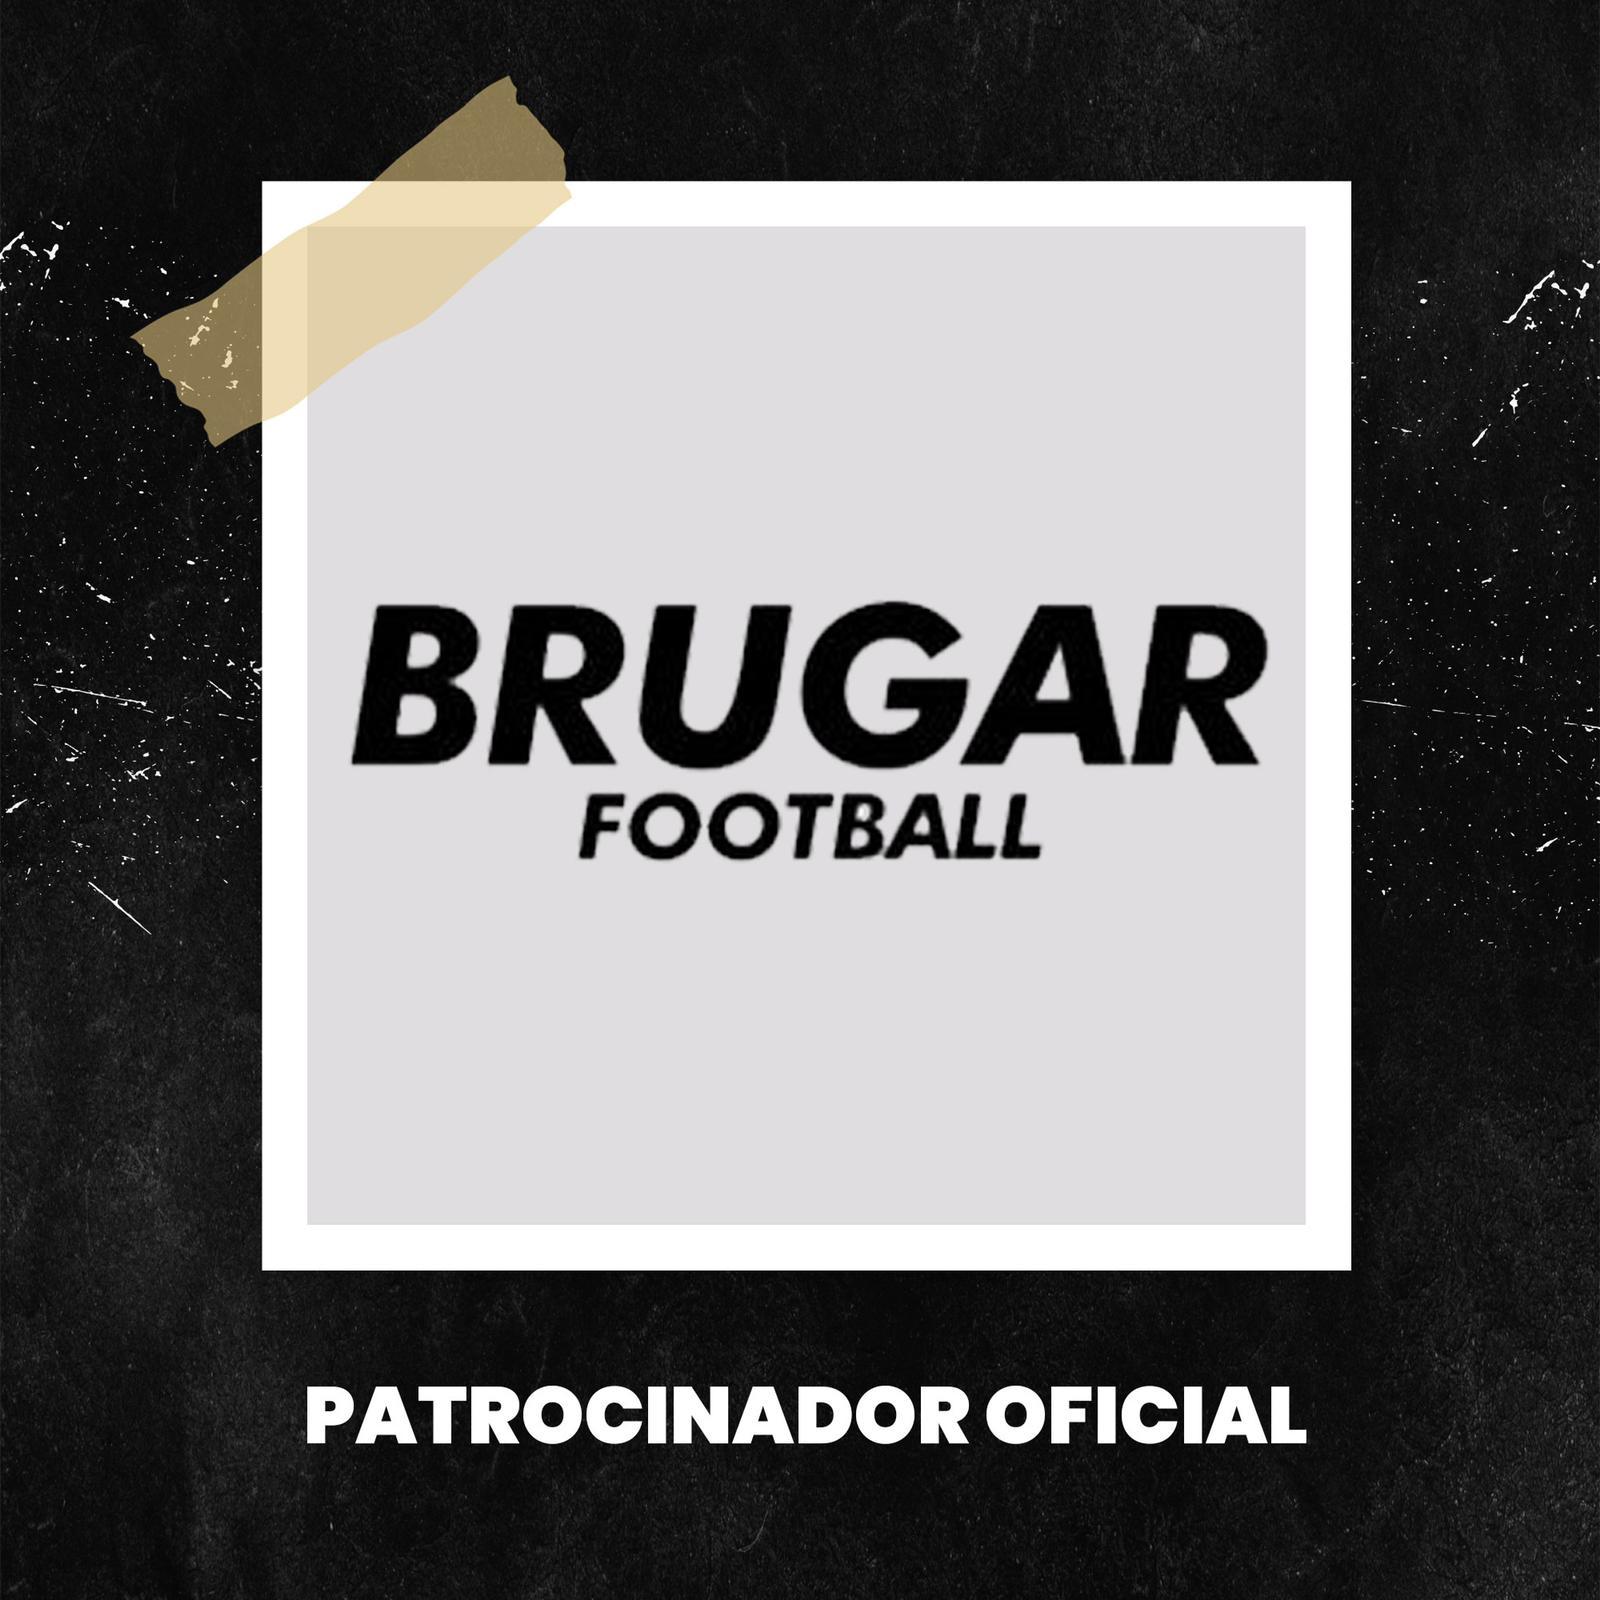 Brugar Football